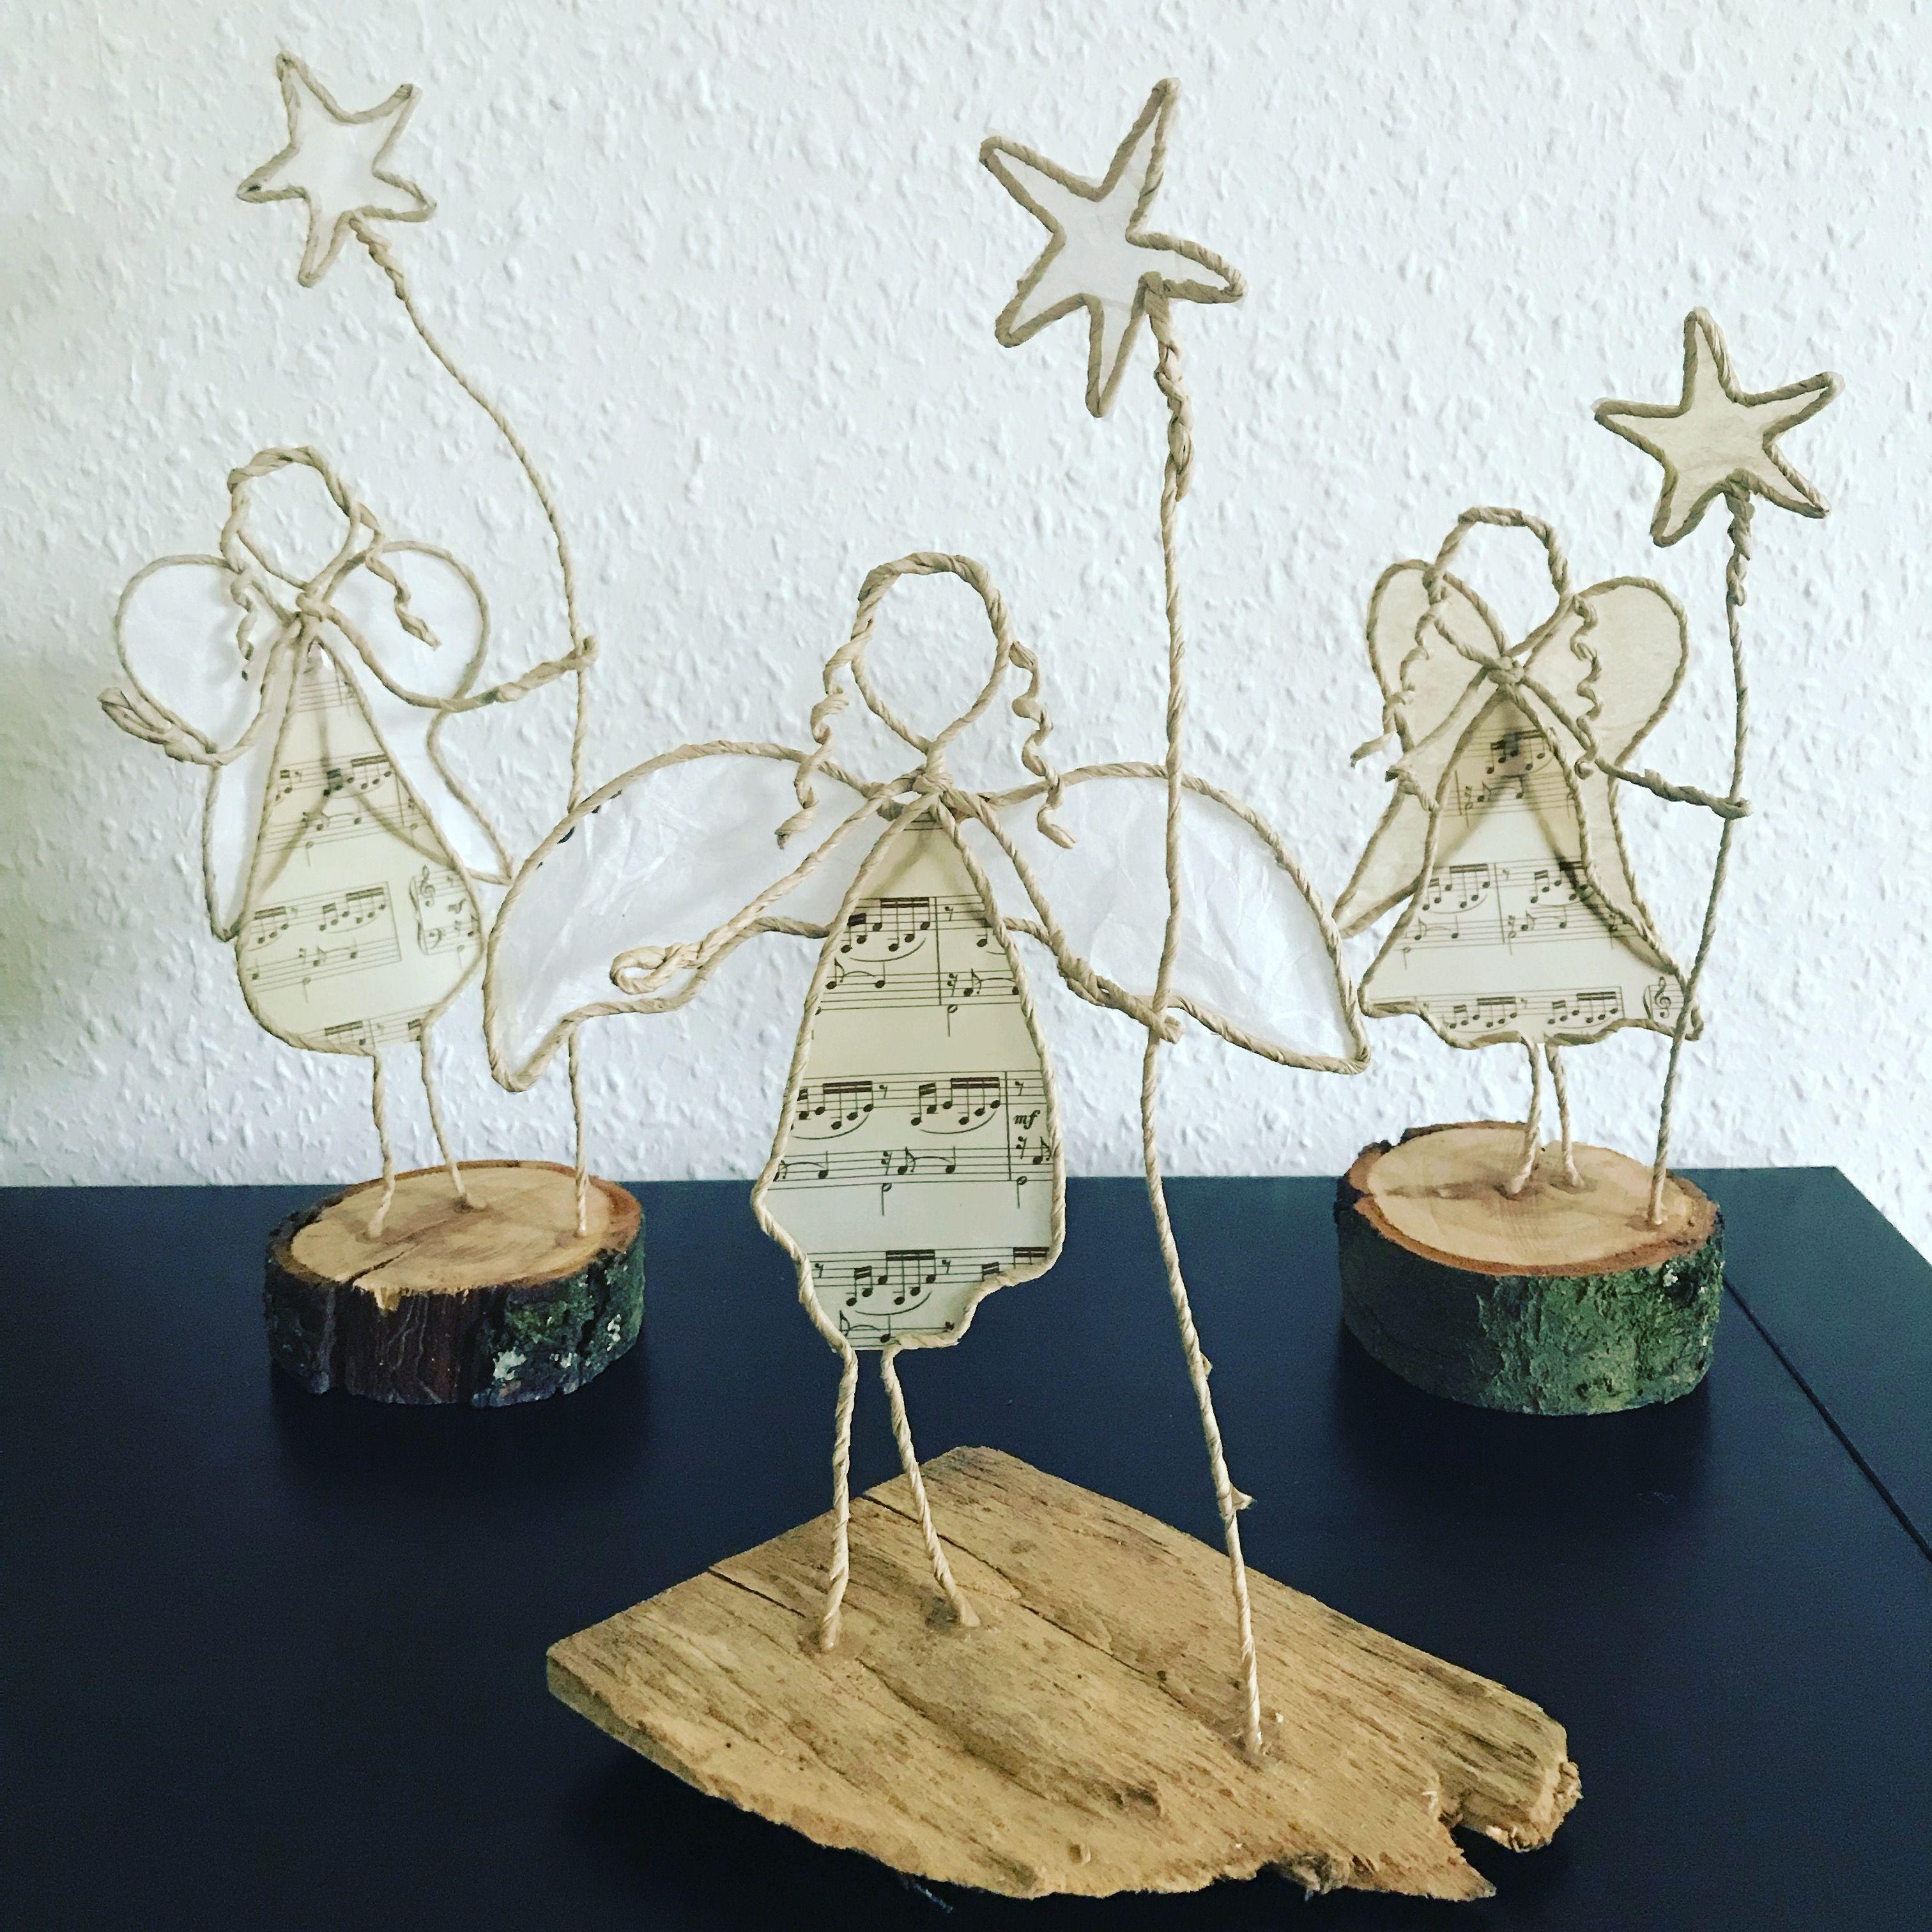 Papierdrahtfiguren Engel Basteln Weihnachten Draht Papierskulpturen Basteln Mit Papierdraht